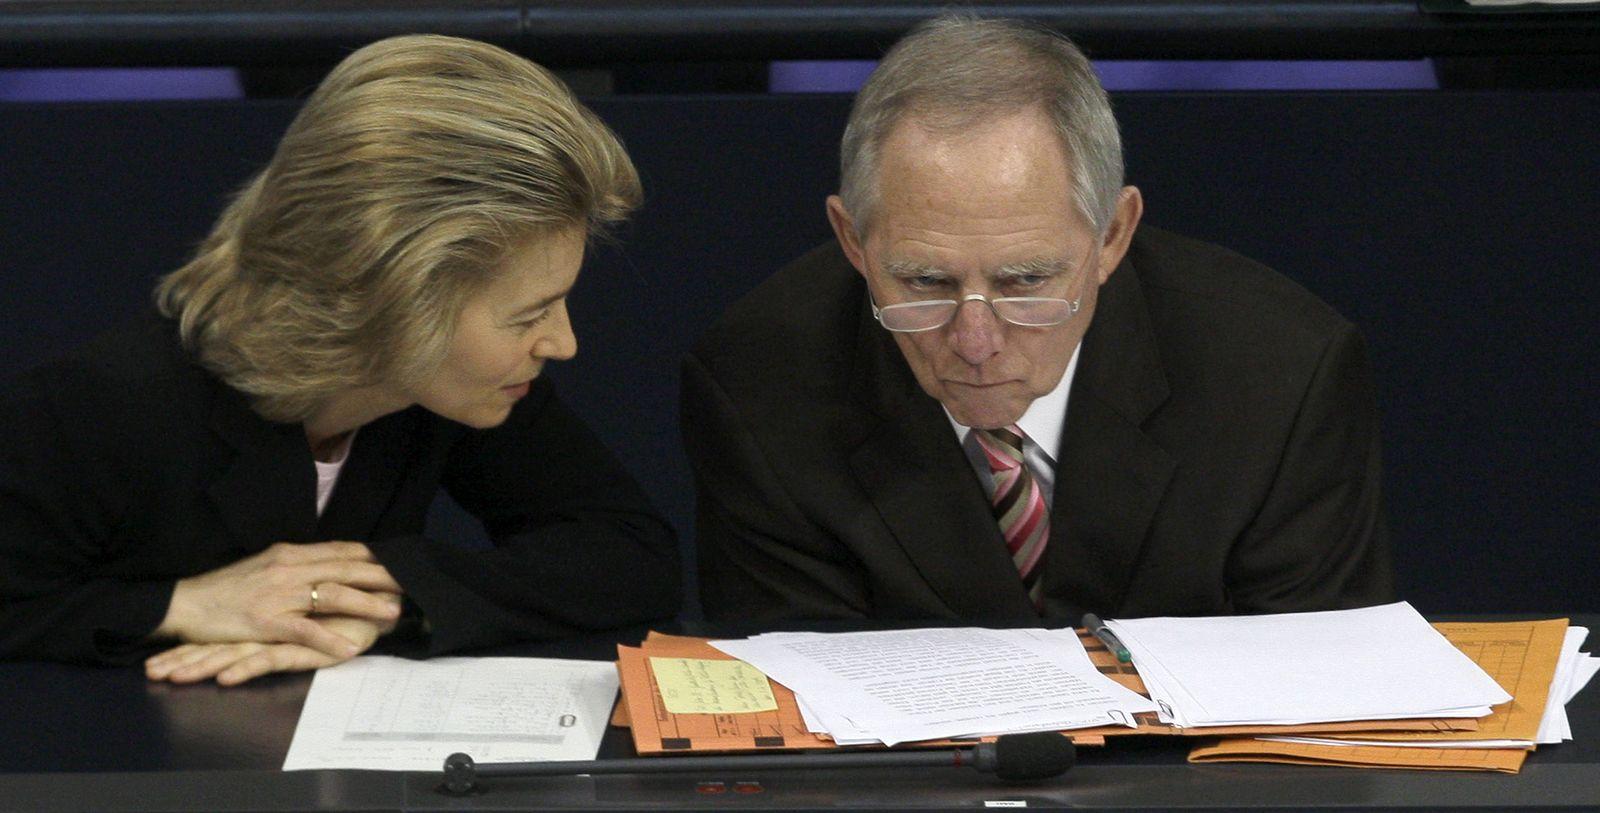 Ursula von der Leyen / Wolfgang Schäuble